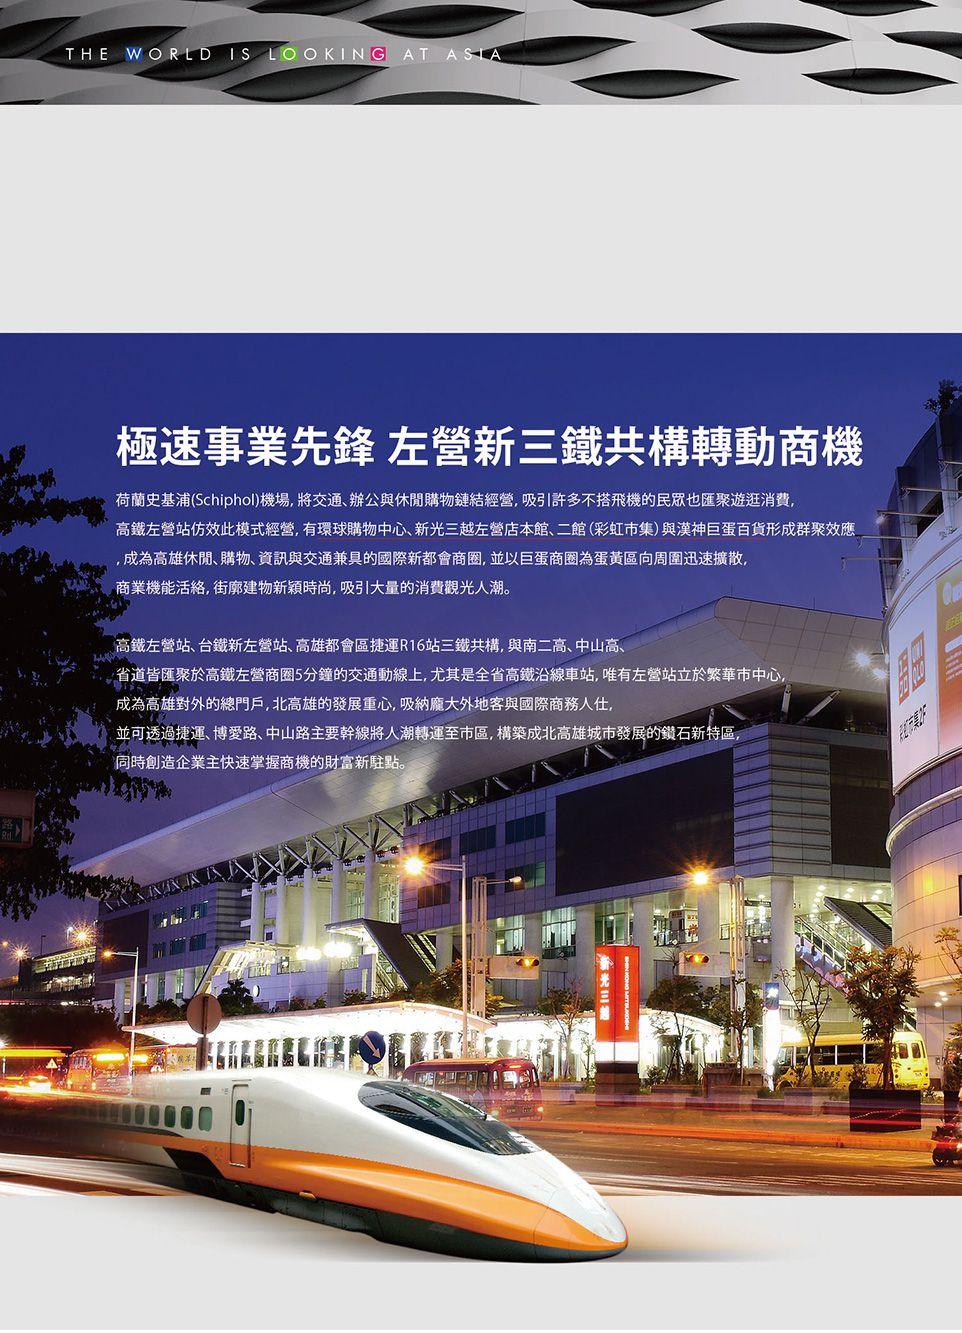 總裁時代廣場建案